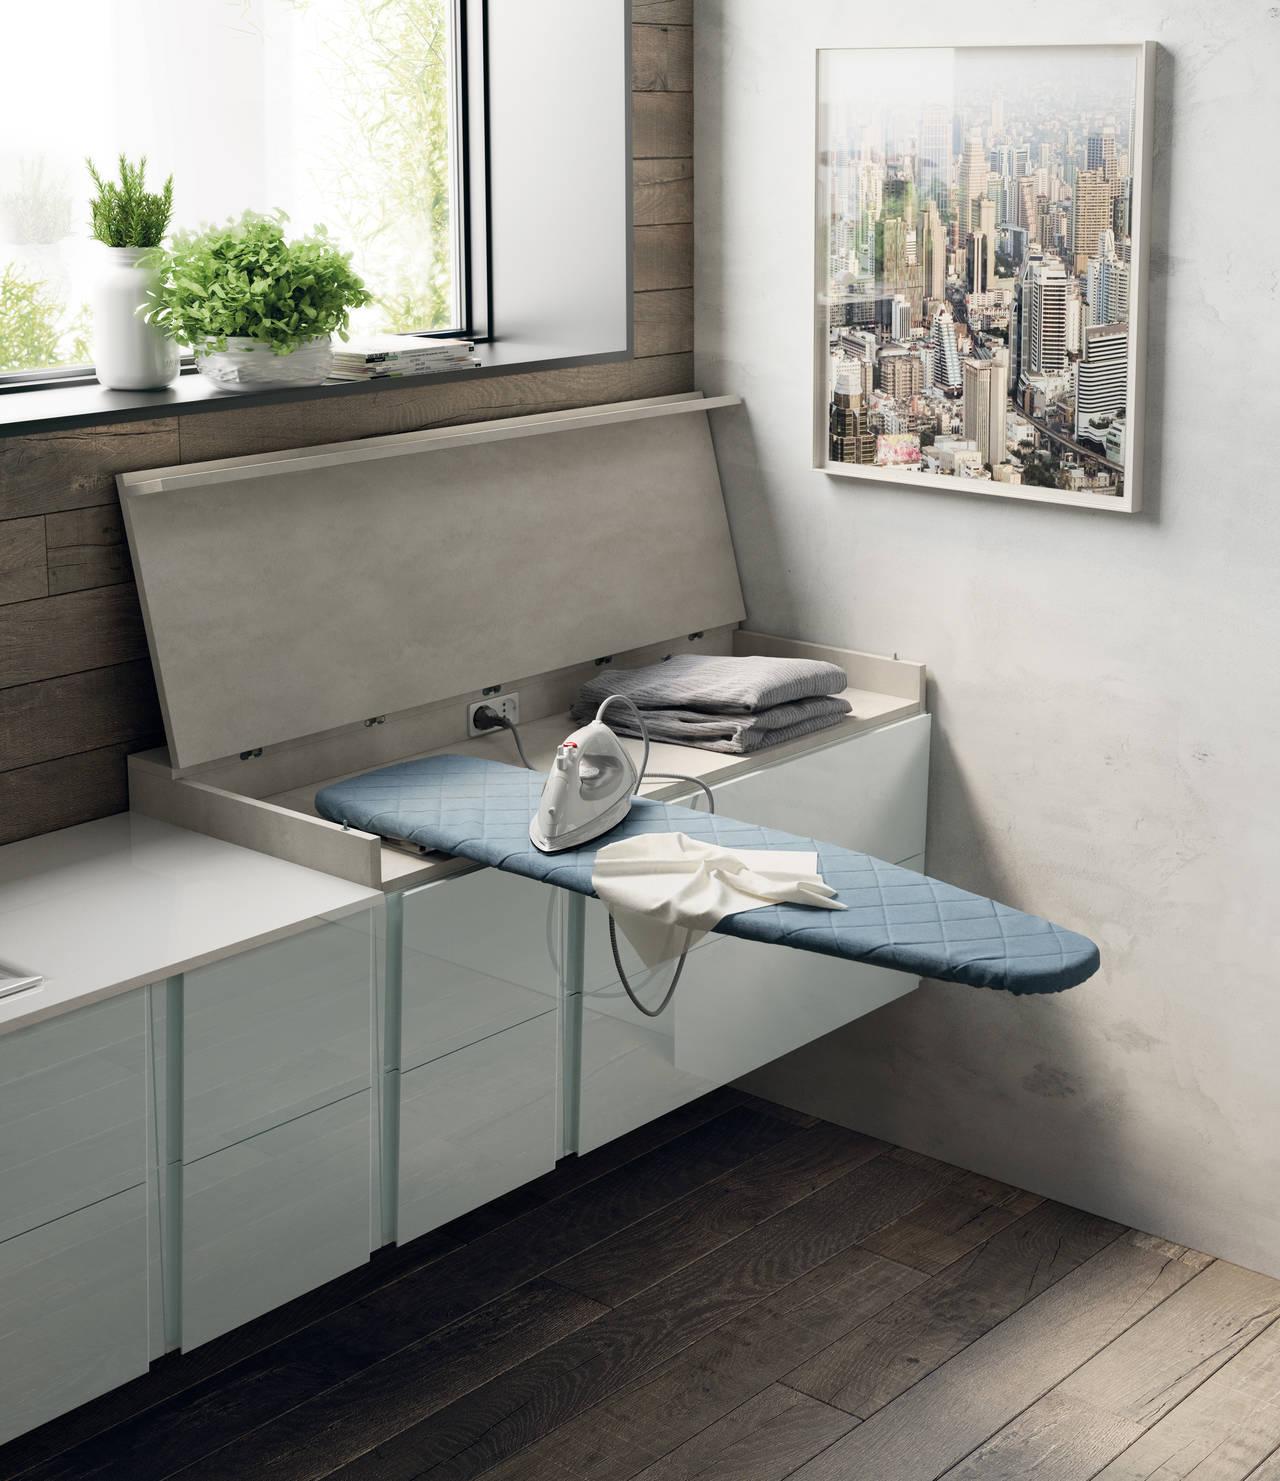 La lavanderia che scompare nei mobili del bagno - Mobili bagno lavanderia ...